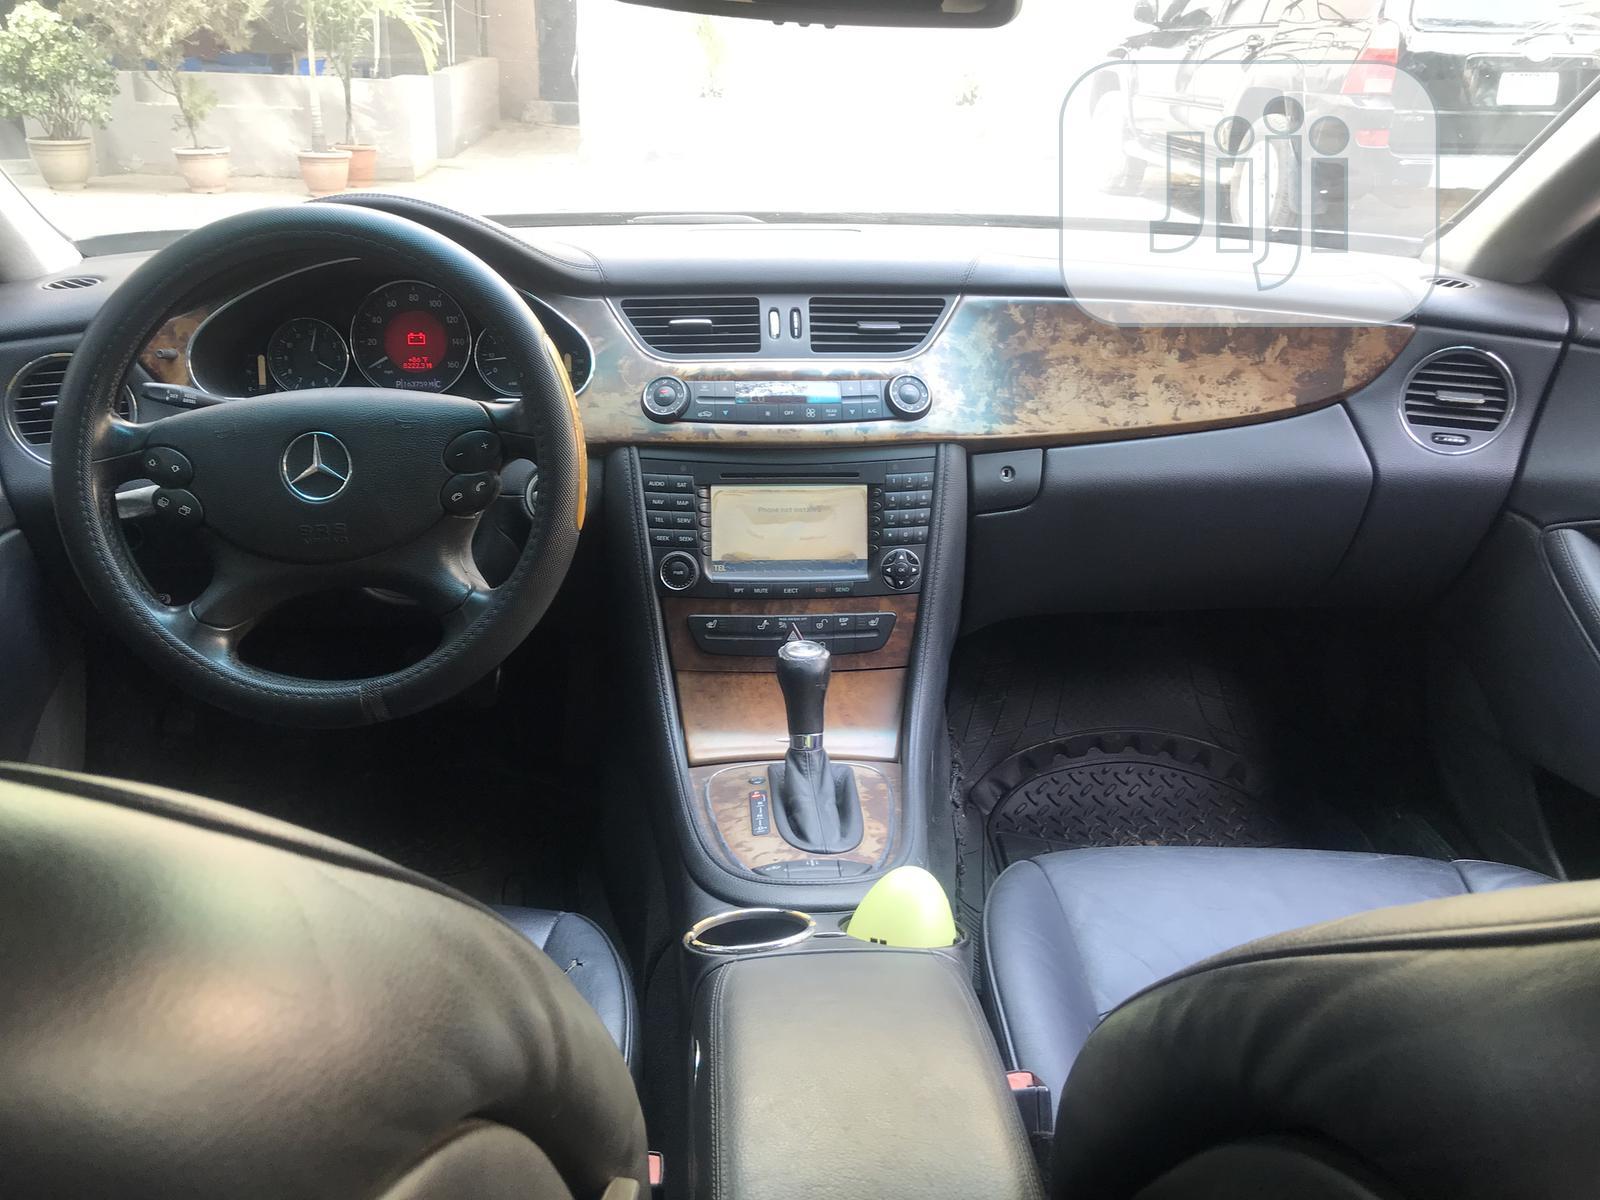 Archive: Mercedes-Benz CLS 2005 Blue